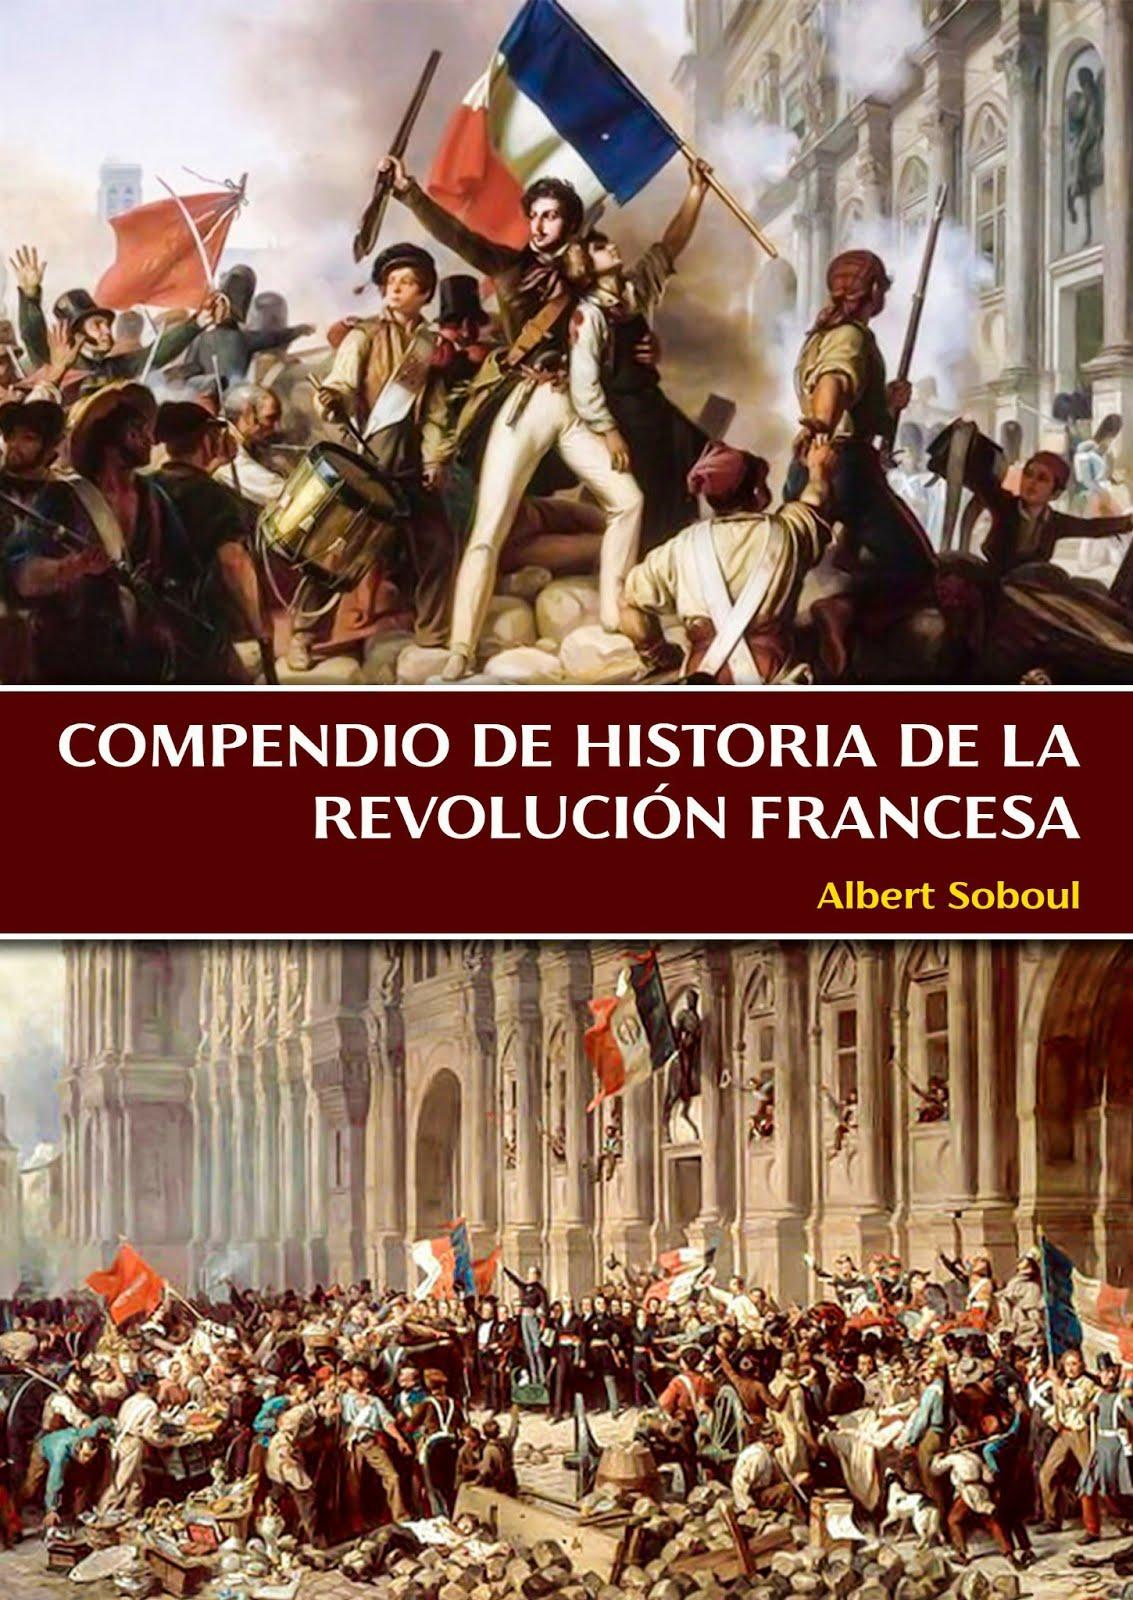 Compendio Revolución Francesa de Soboul